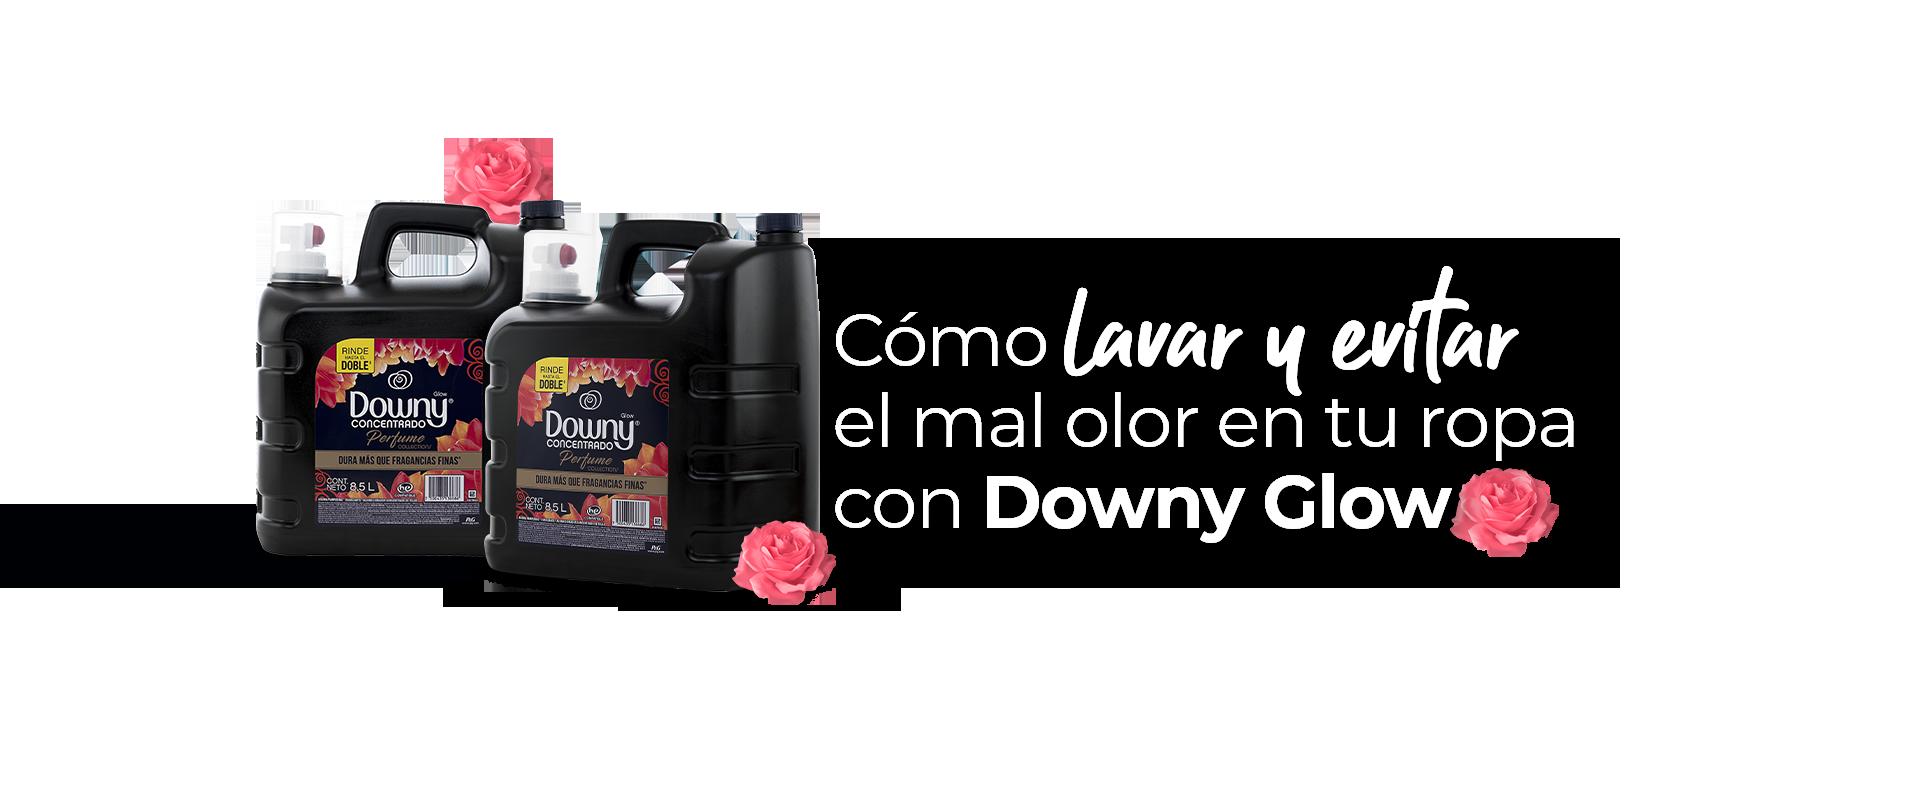 Cómo evitar el mal olor de tu ropa con Downy Glow